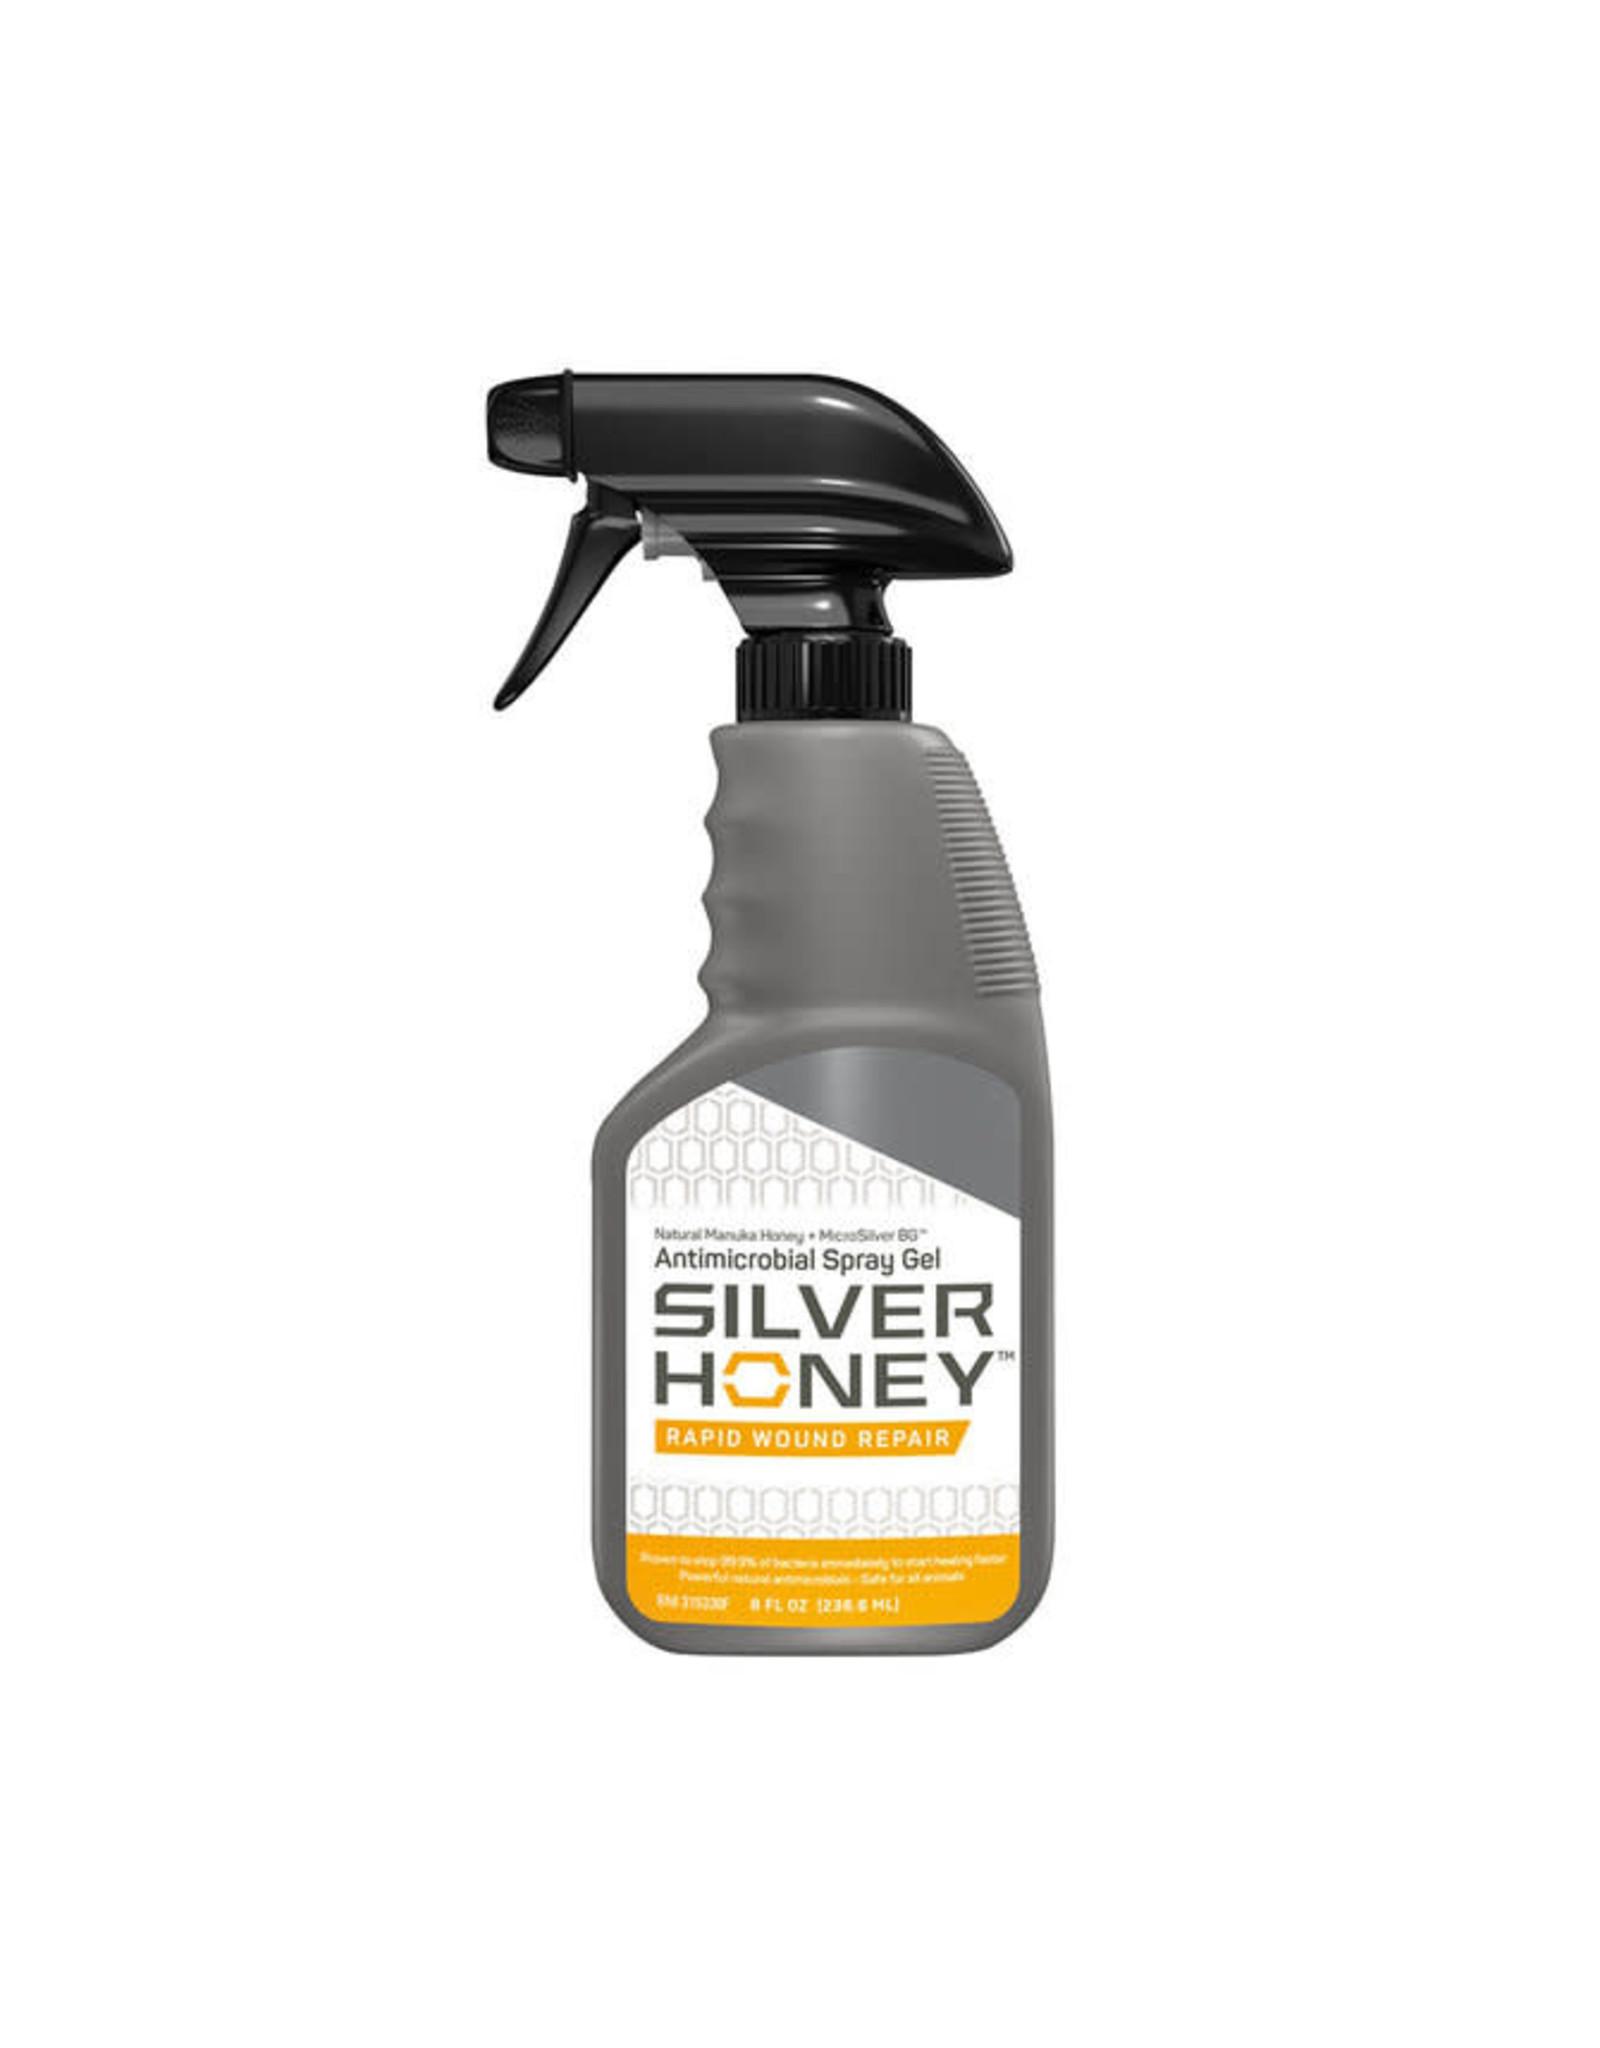 Silver Honey Spray 8oz